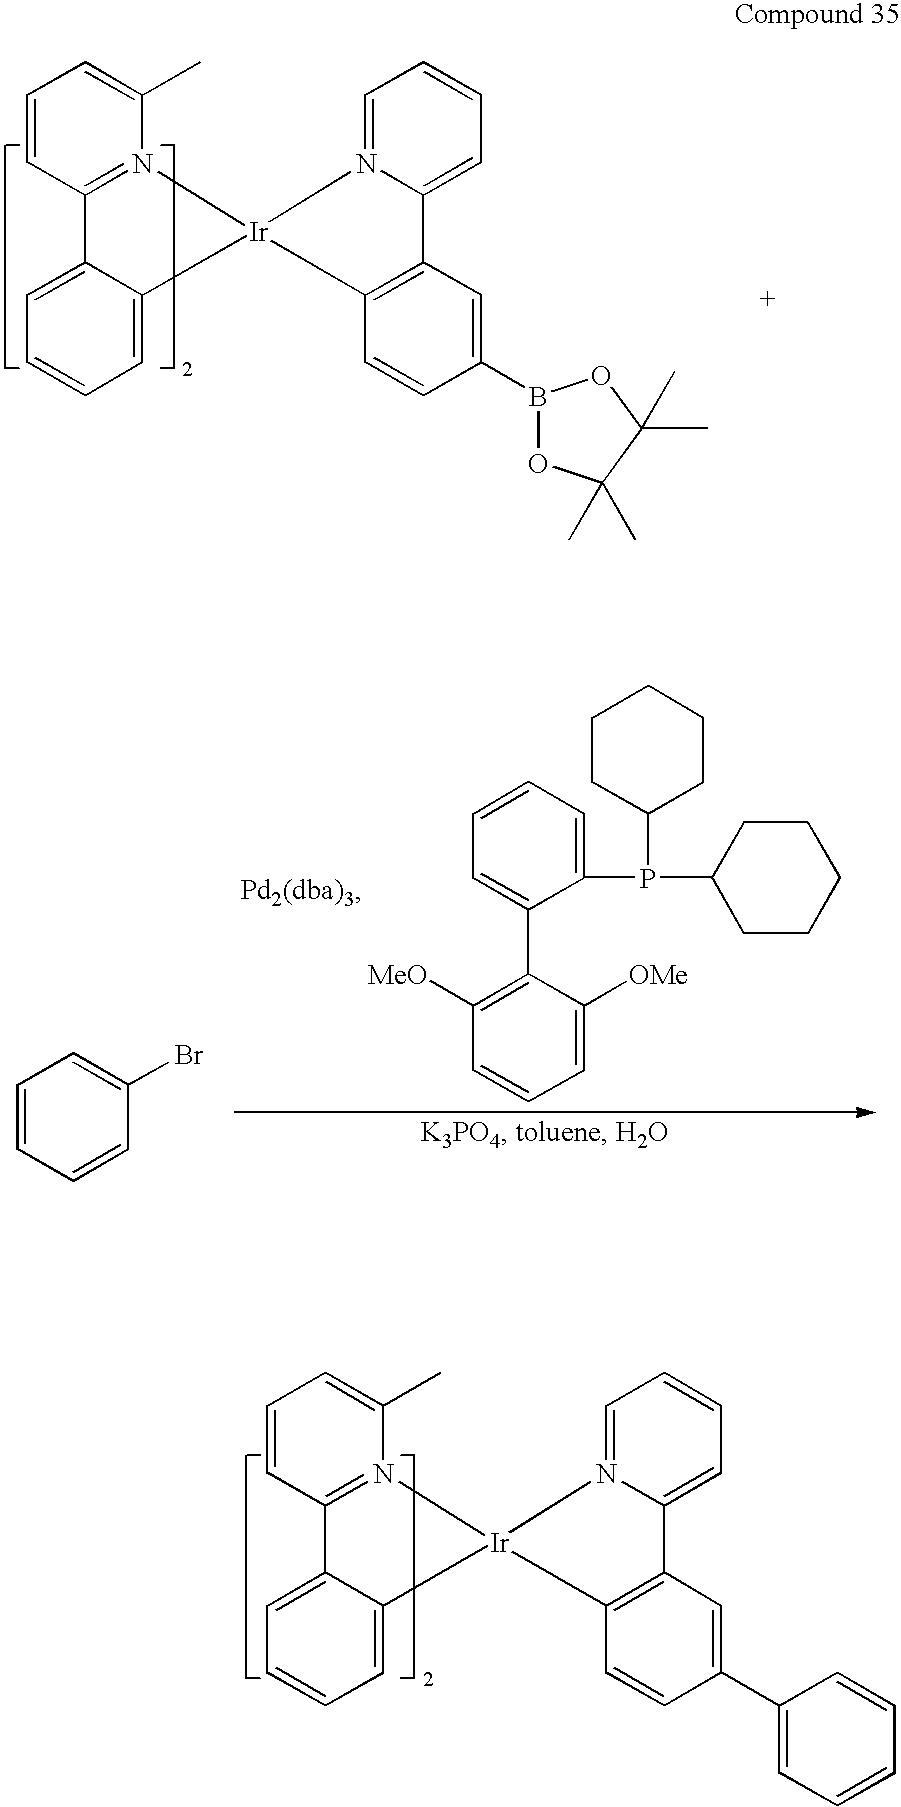 Figure US20090108737A1-20090430-C00191